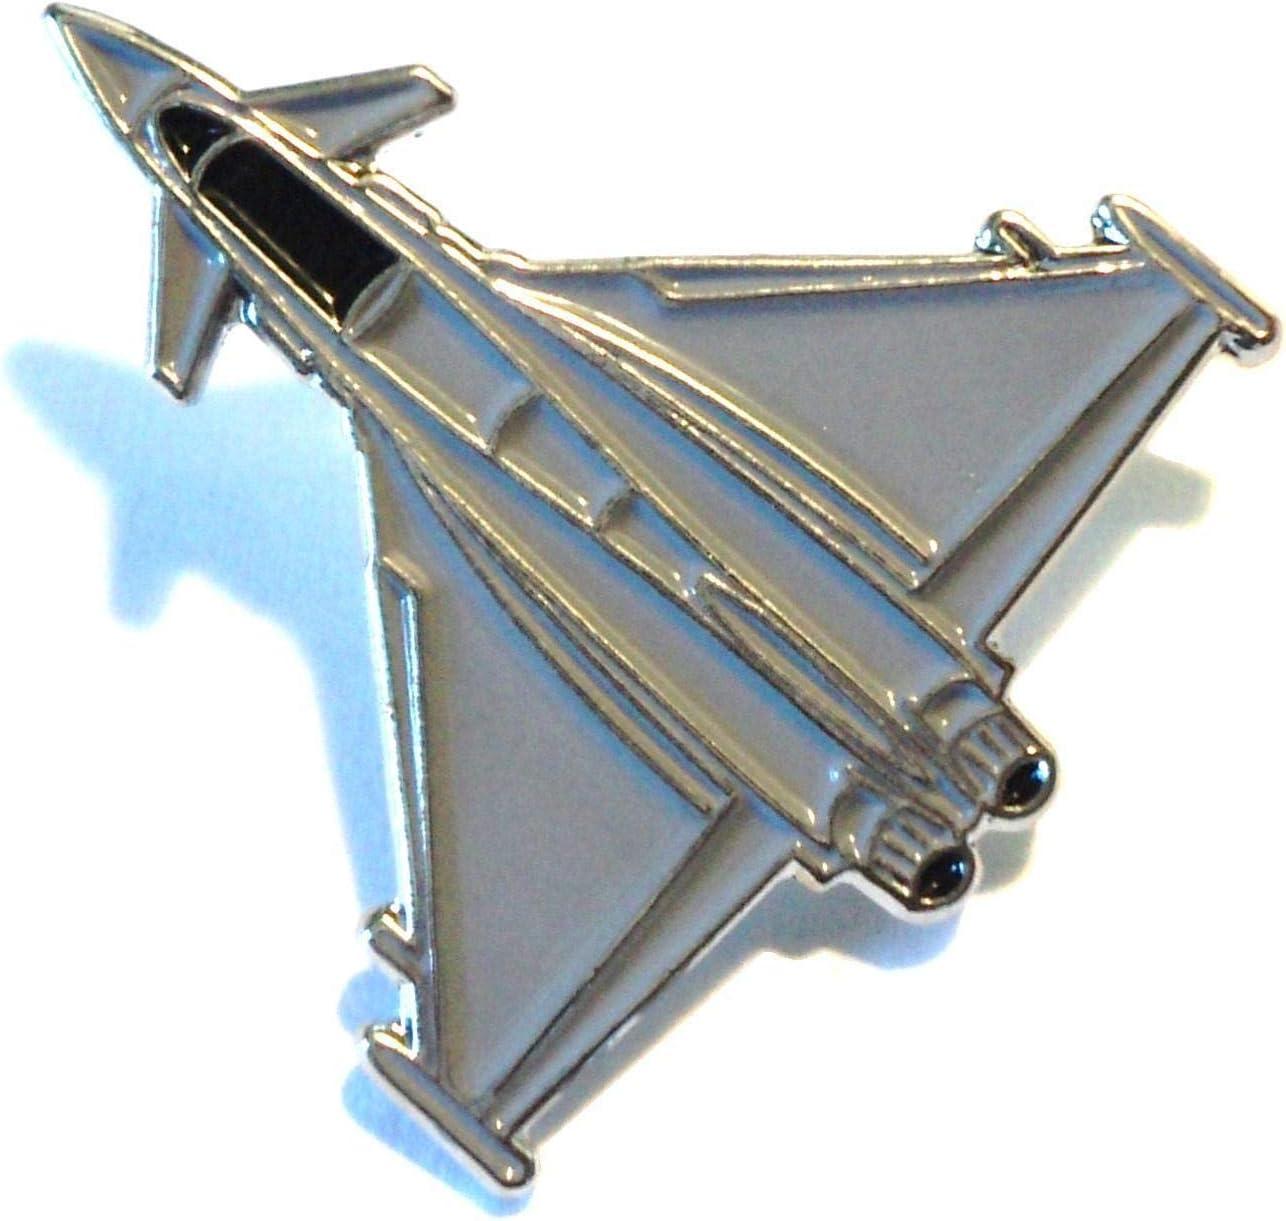 Eurofighter Typhoon Jet Fighter Bottle Opener Keychain